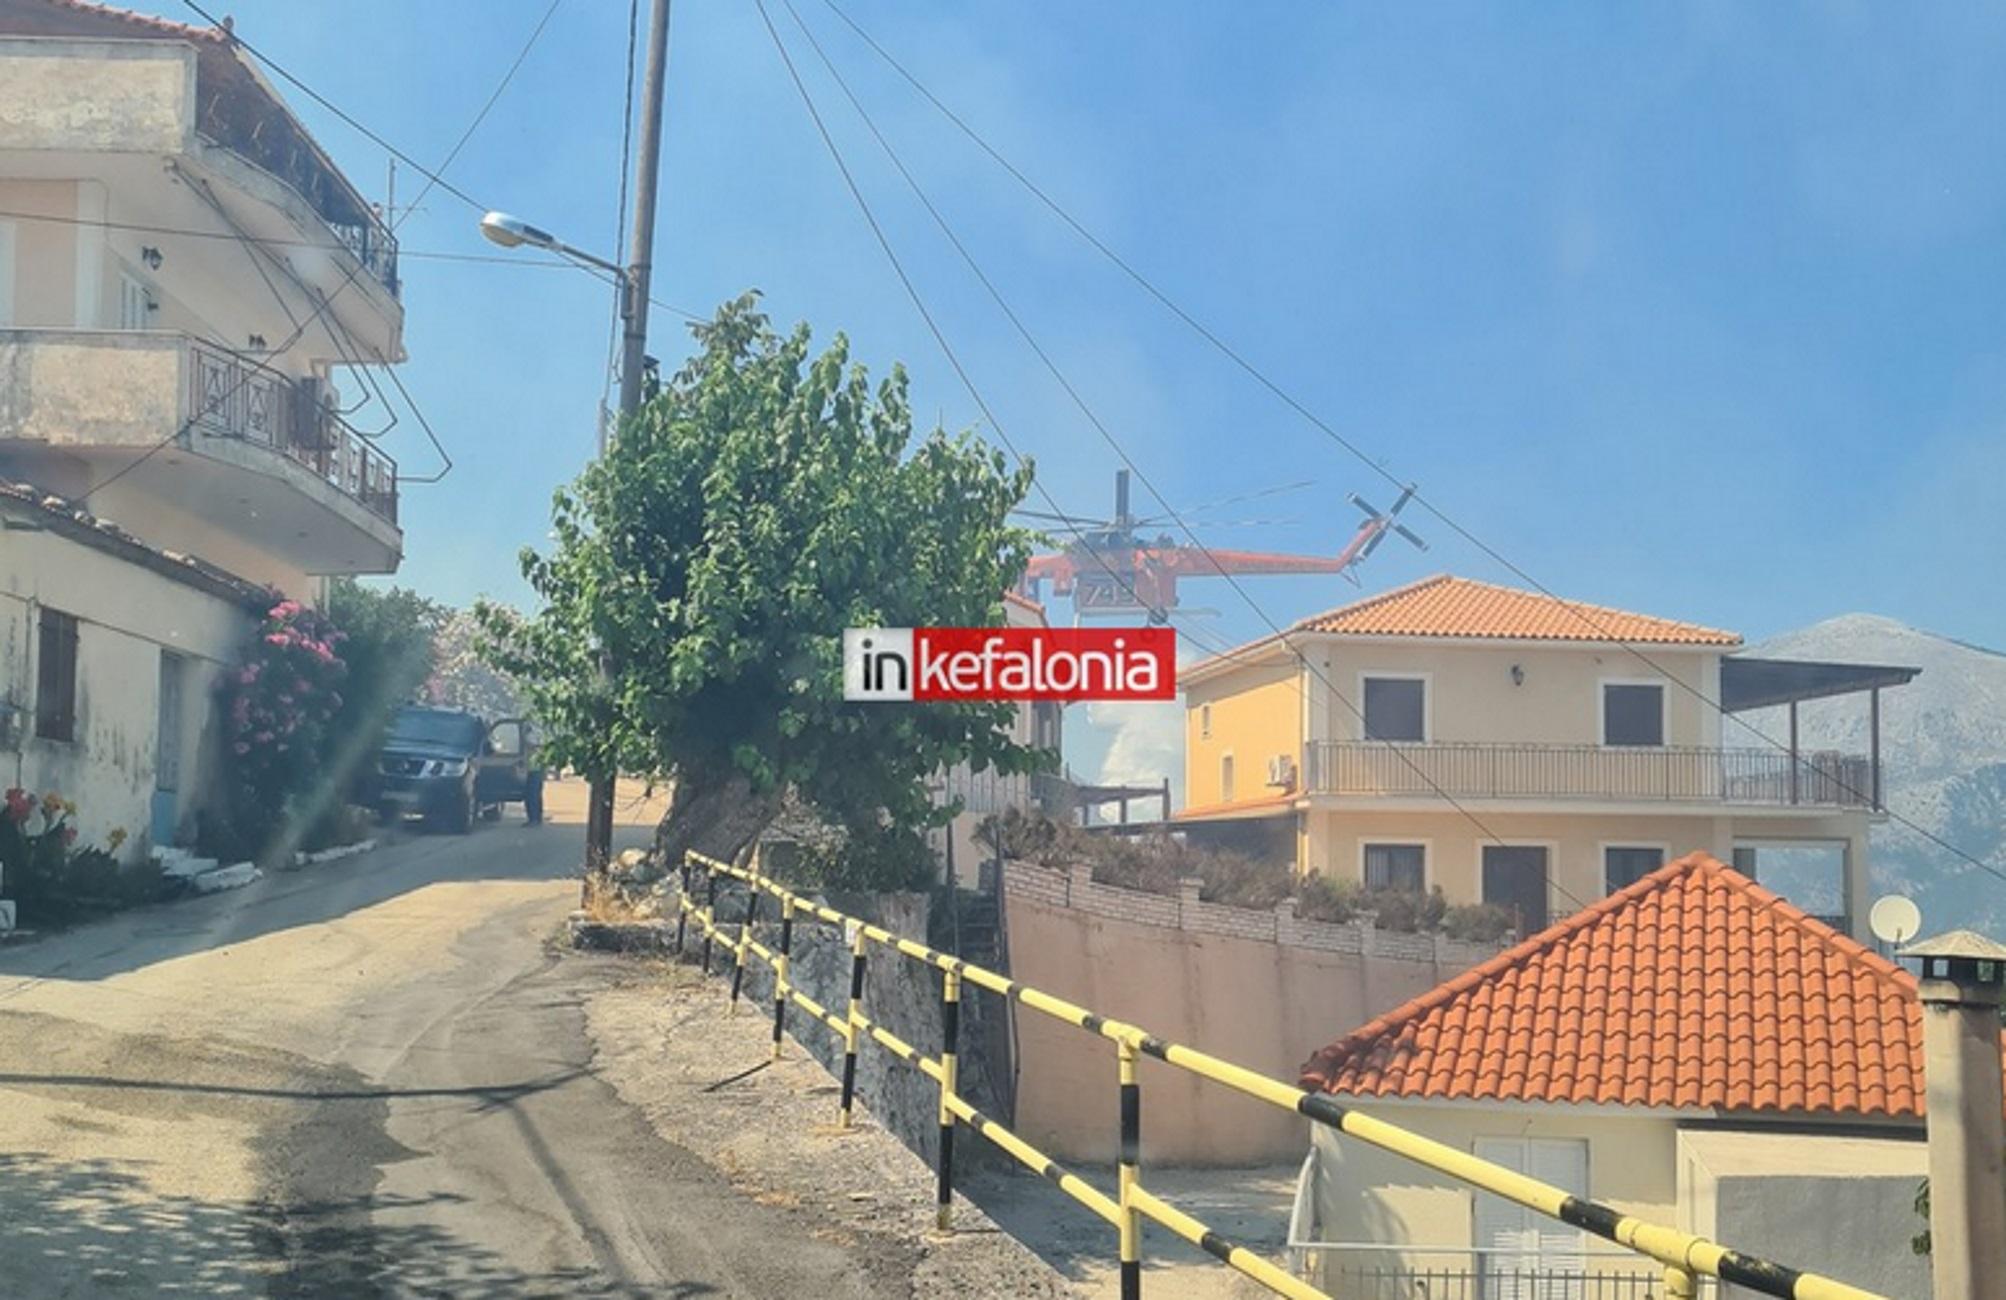 Κεφαλονιά: Η φωτιά μπήκε στο Καπανδρίτι – Εκκενώνονται χωριά – Απειλούνται σπίτια και περιουσίες